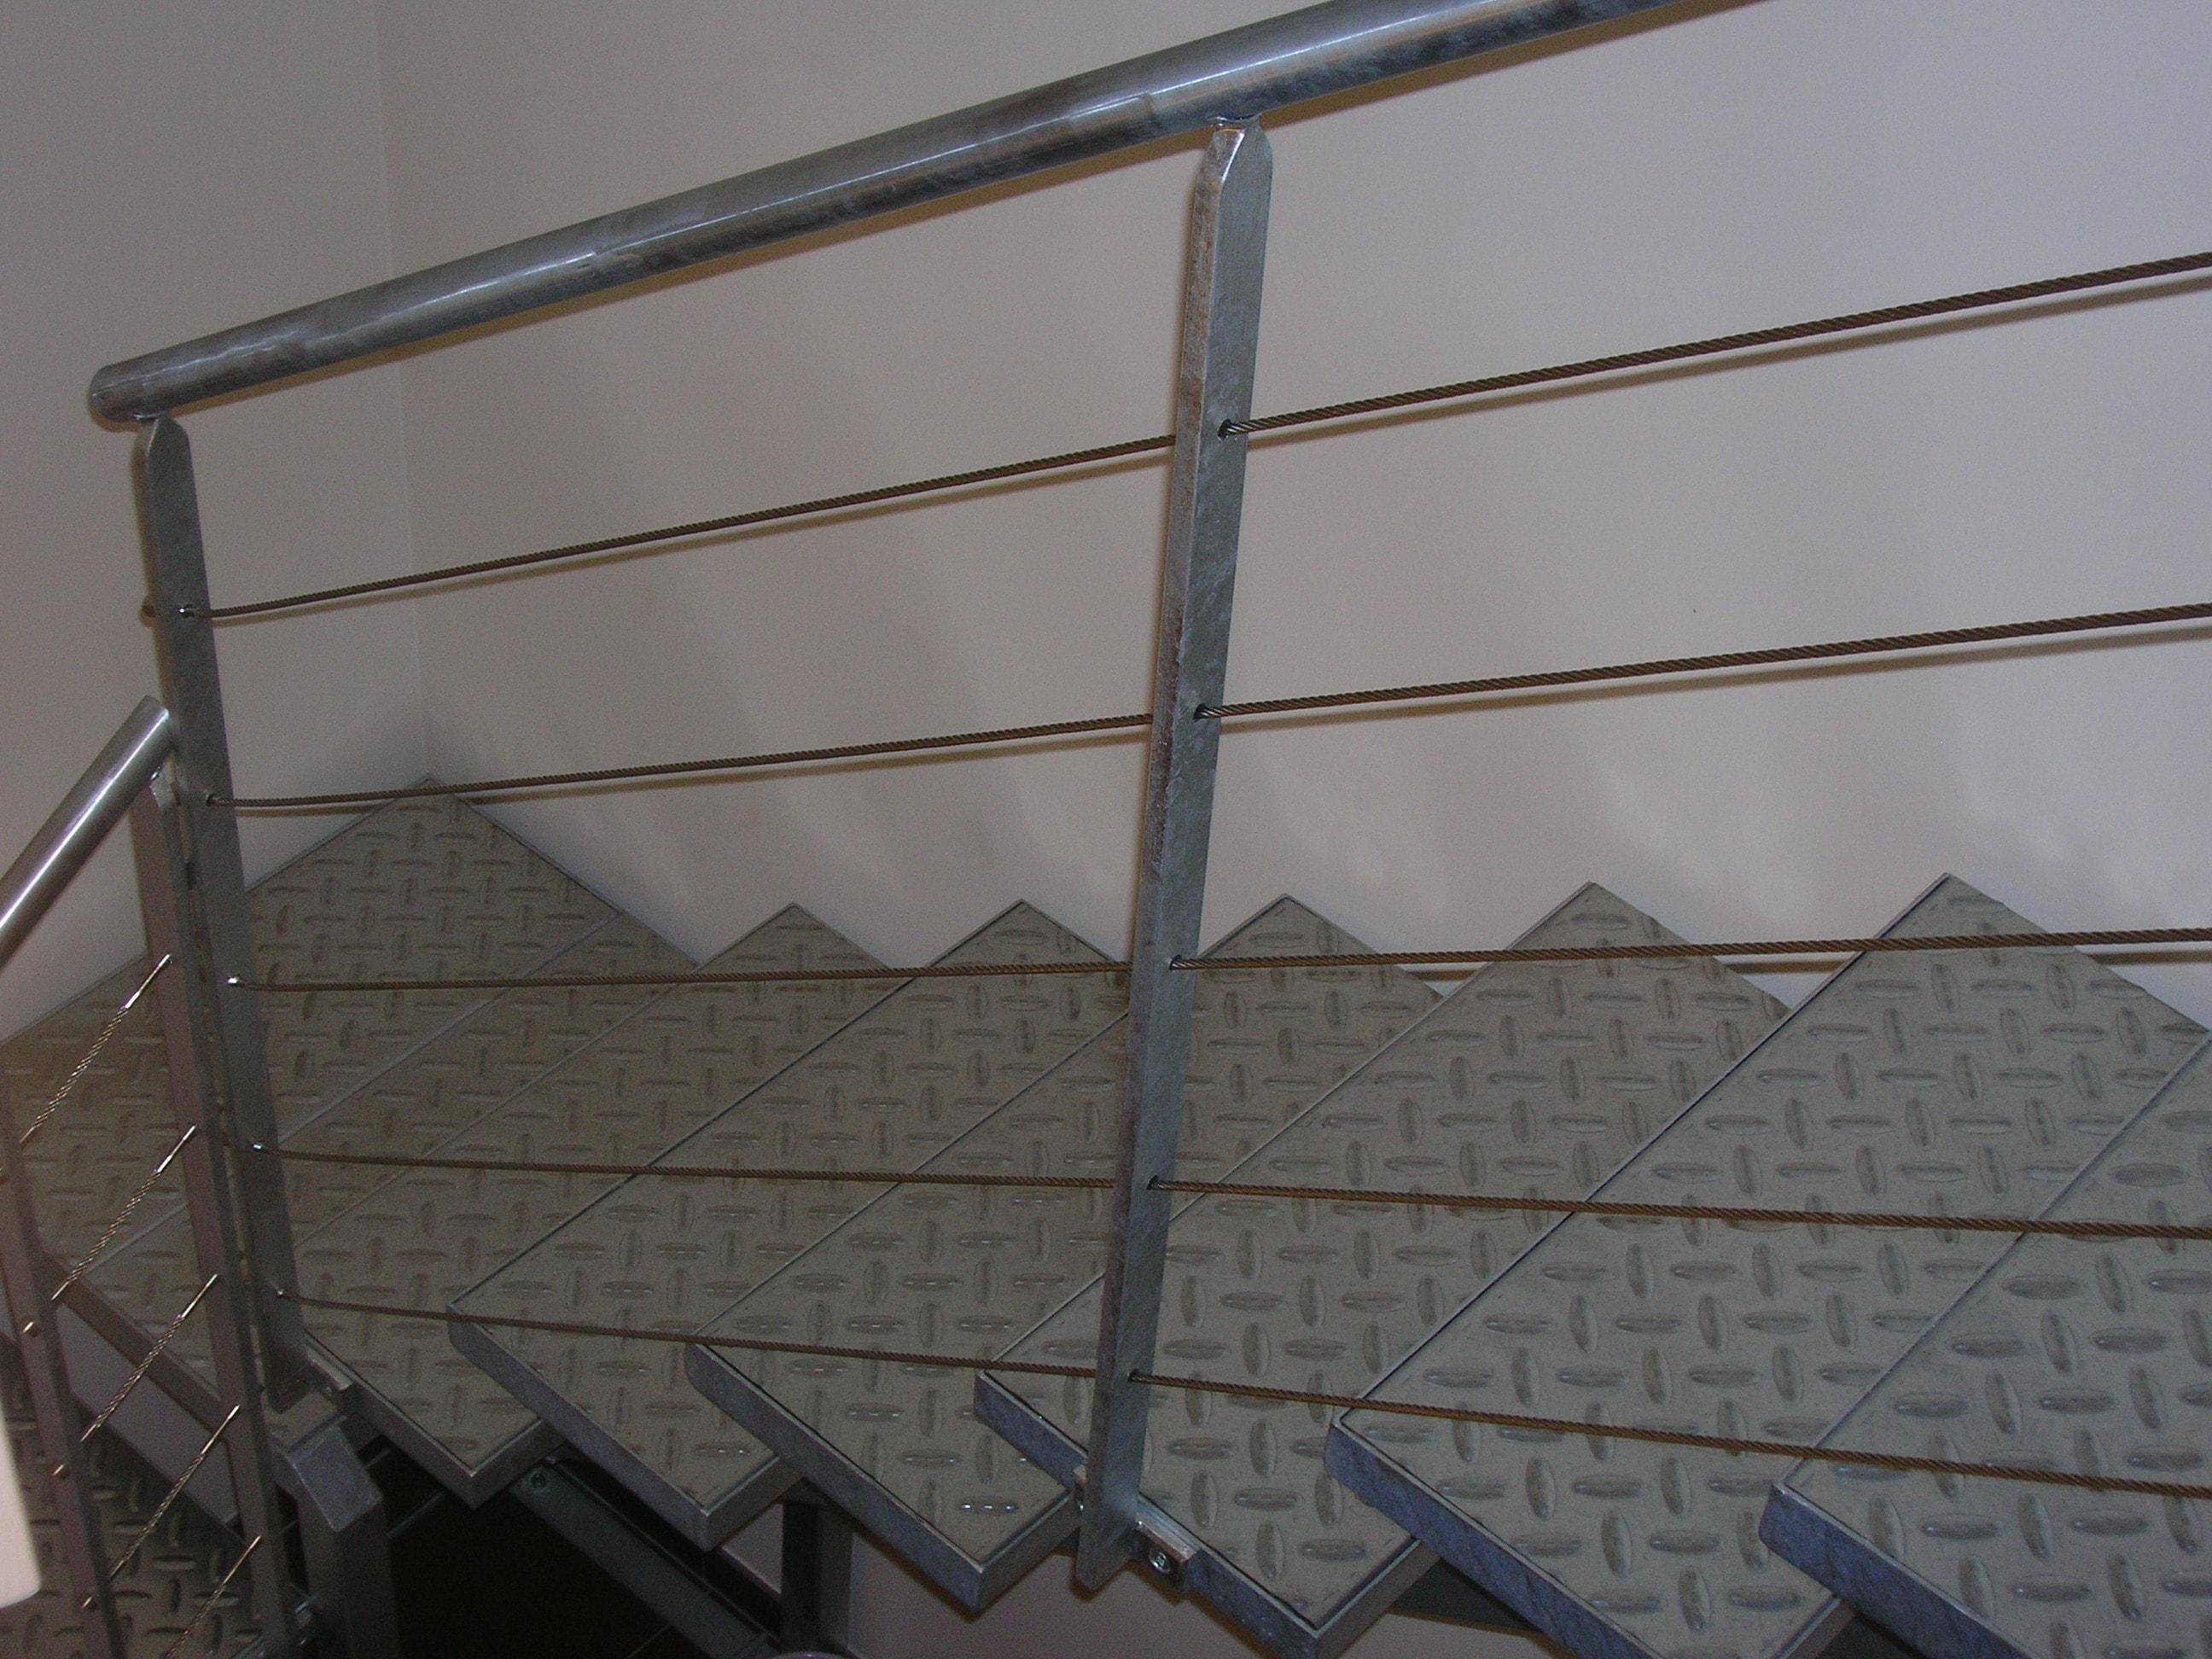 escalier serge bontemps. Black Bedroom Furniture Sets. Home Design Ideas